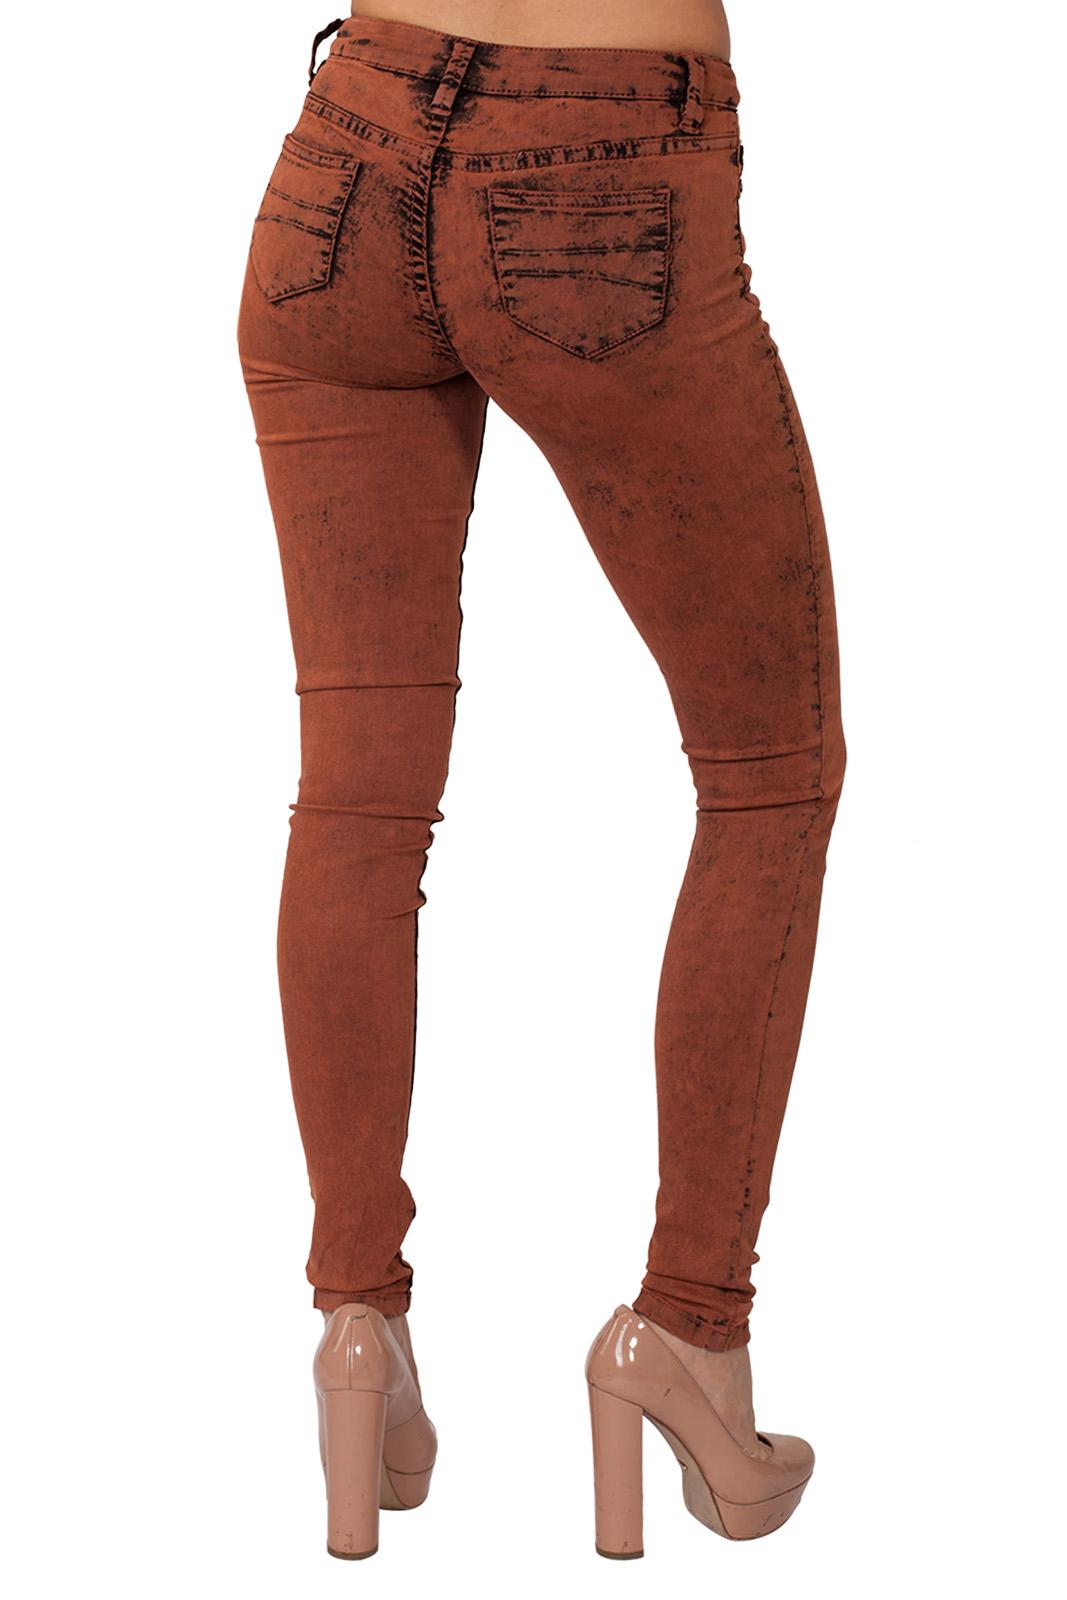 Бомбические женские джинсы скинни NONAME с эффектом ржавчины.